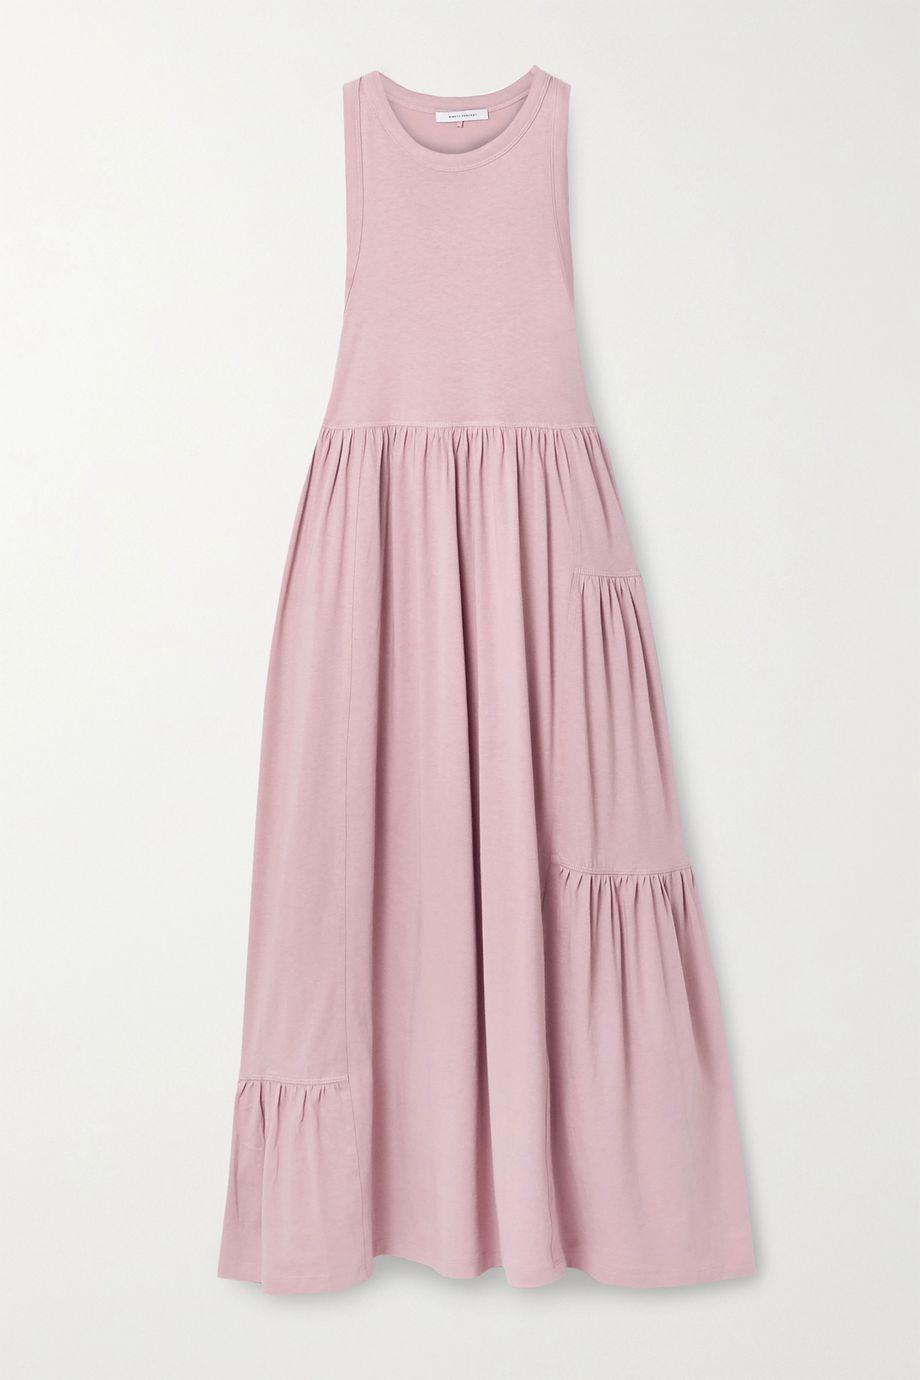 Ninety Percent Mono gathered organic cotton-jersey maxi dress